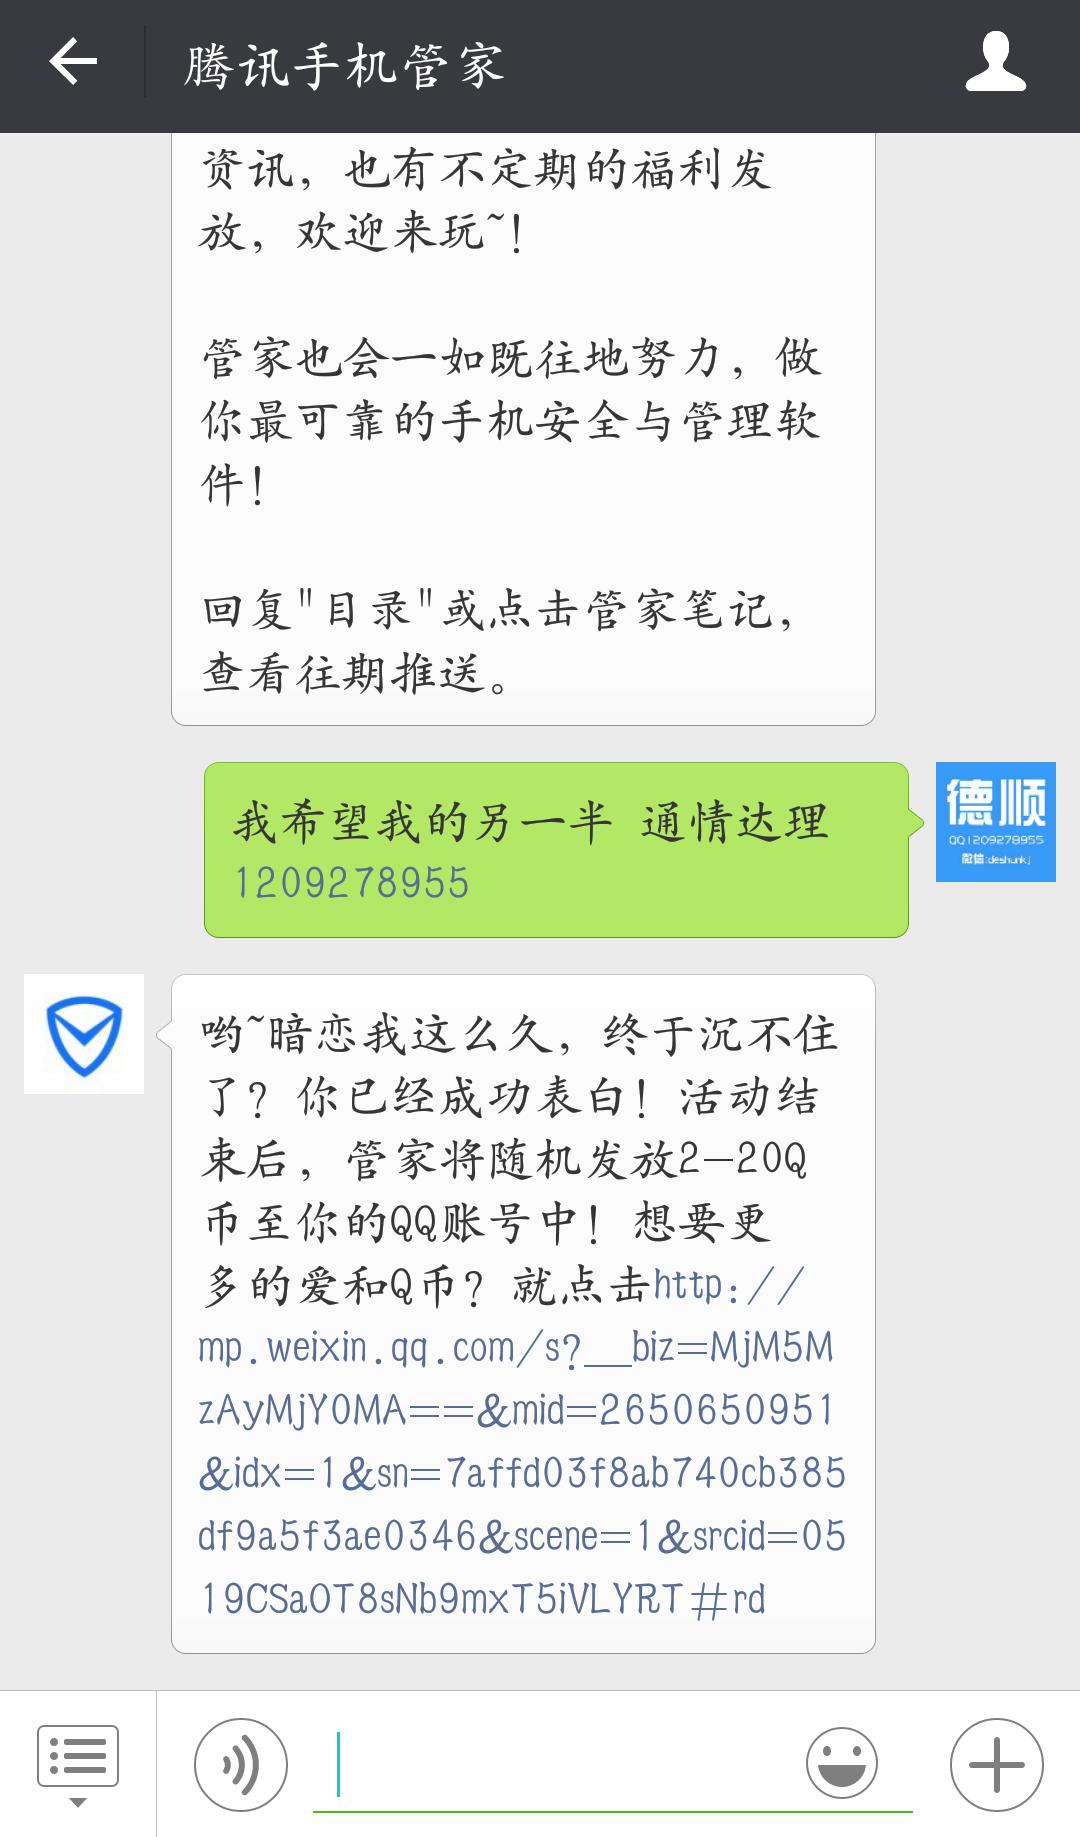 关注 腾讯手机管家 微信公众号随机送2-20QB